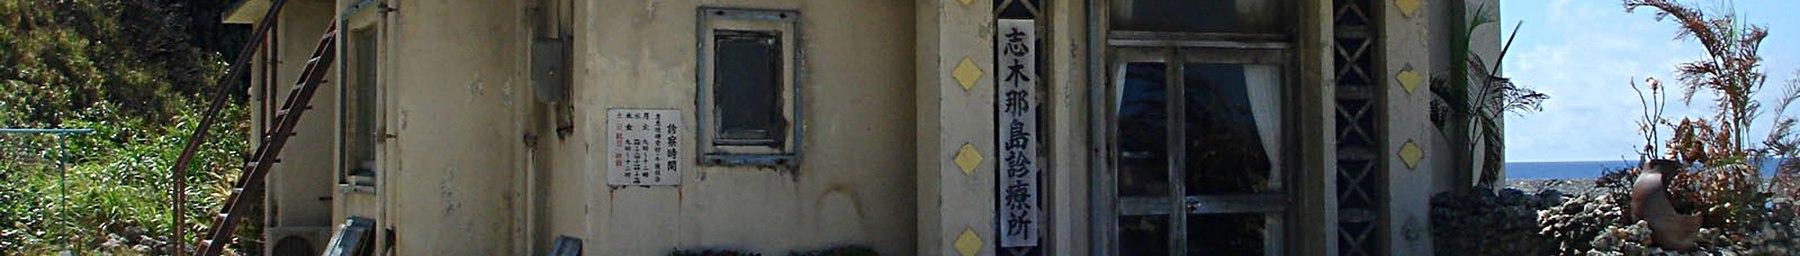 Yonaguni banner Shikinajima-shinryojo.jpg